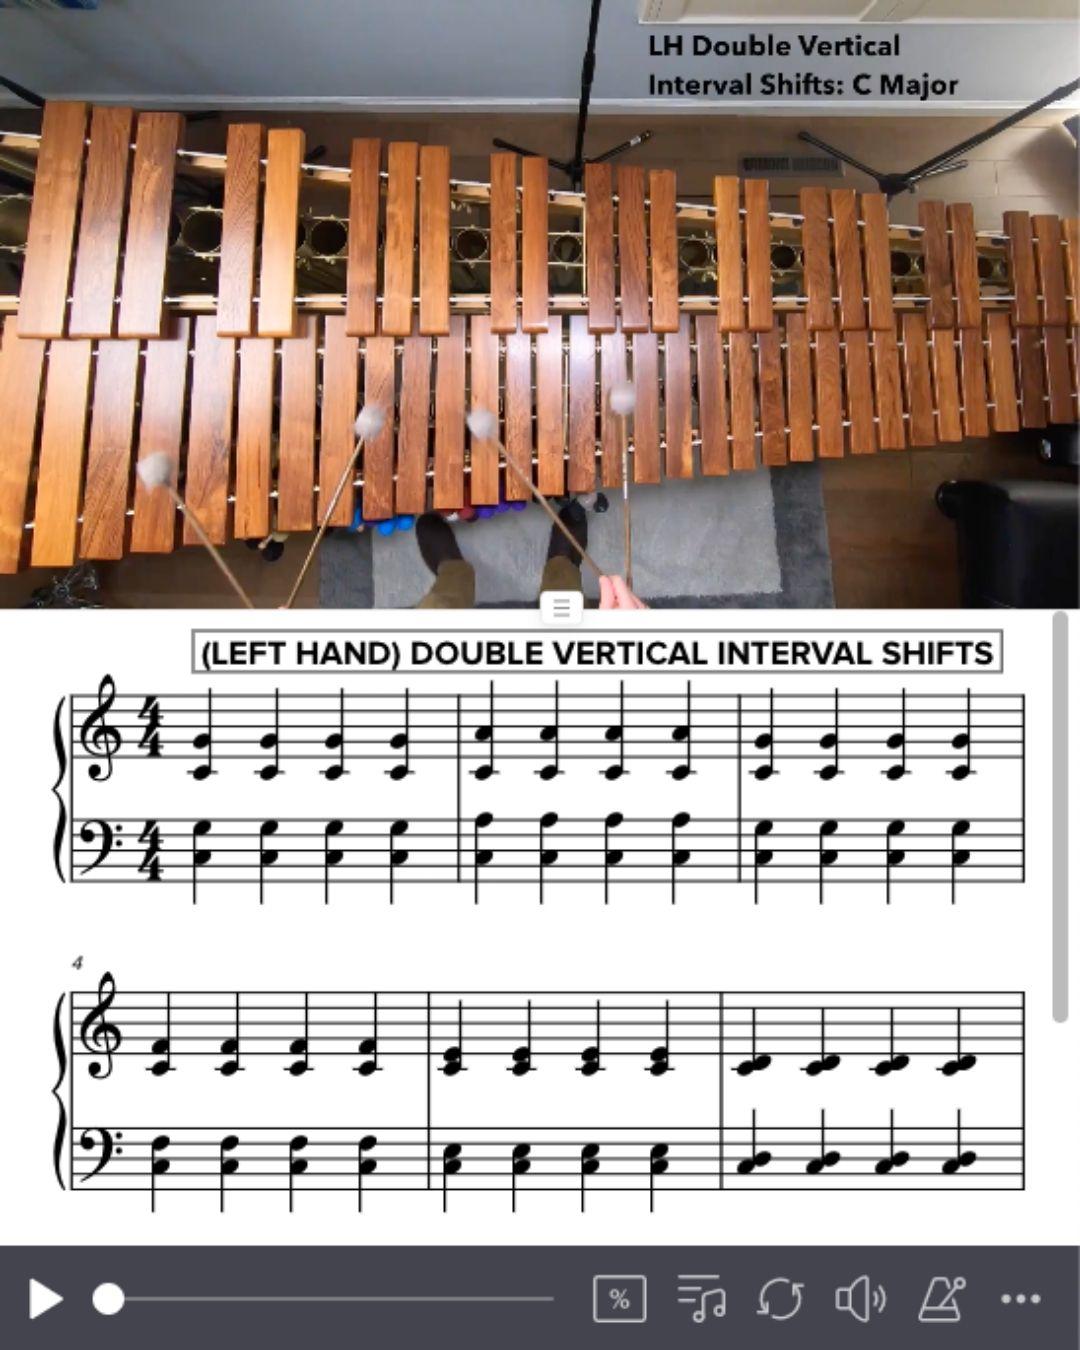 LH DV Interval Shifts